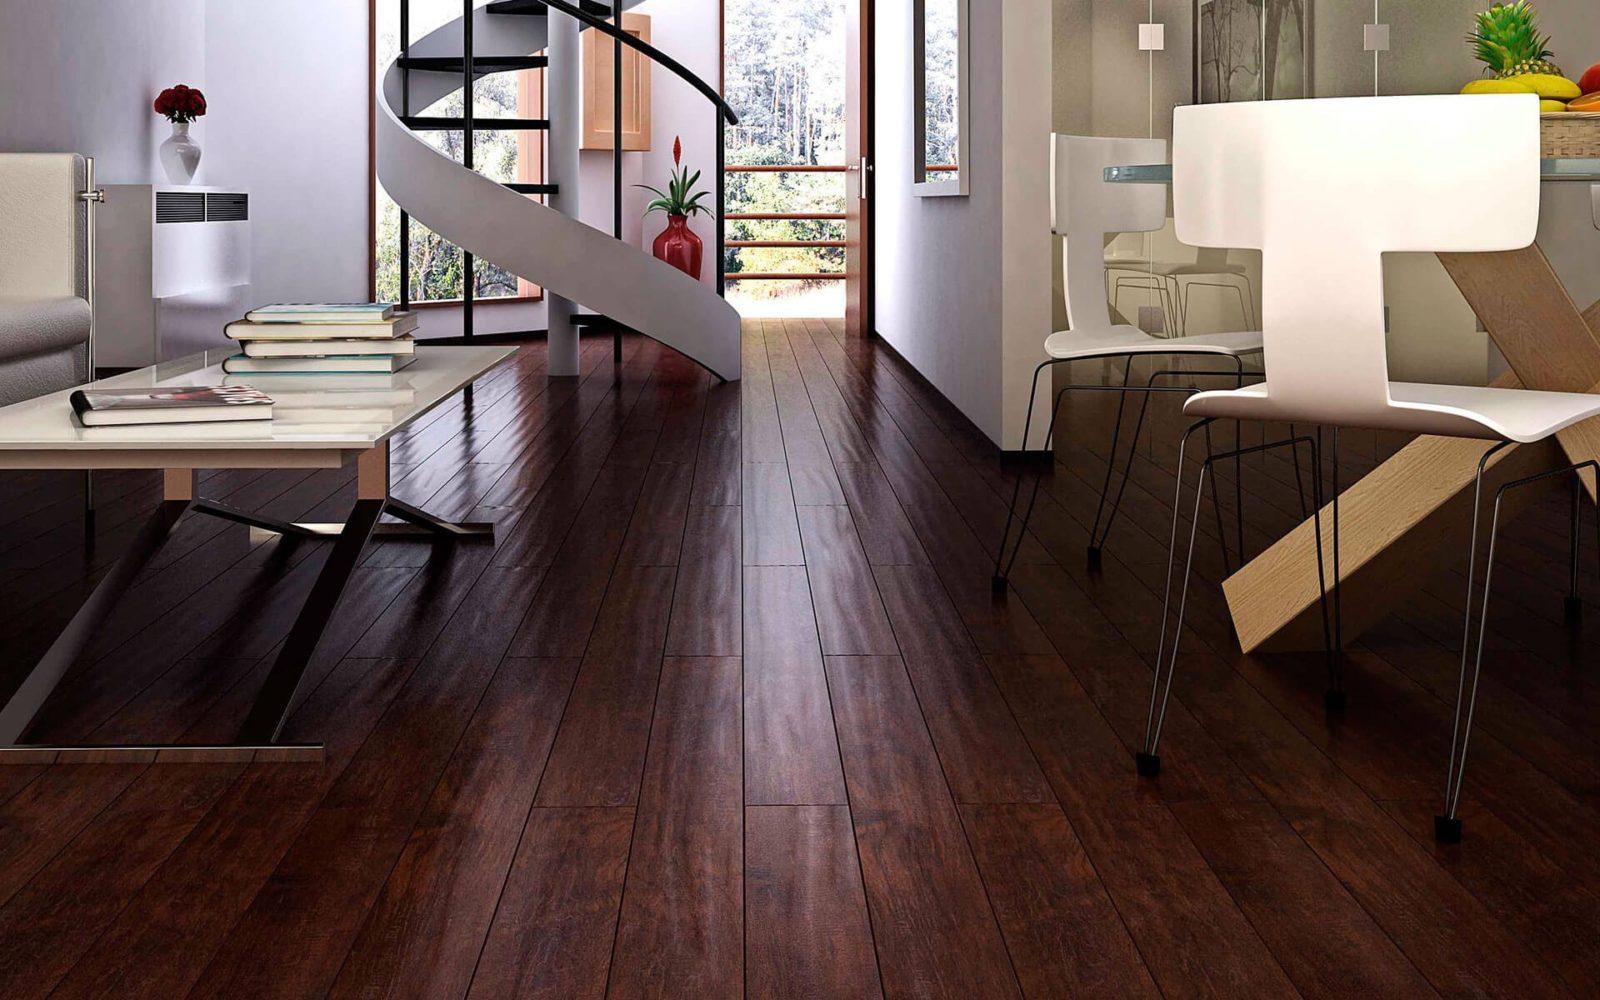 Wood flooring - Task Masters, Dubai